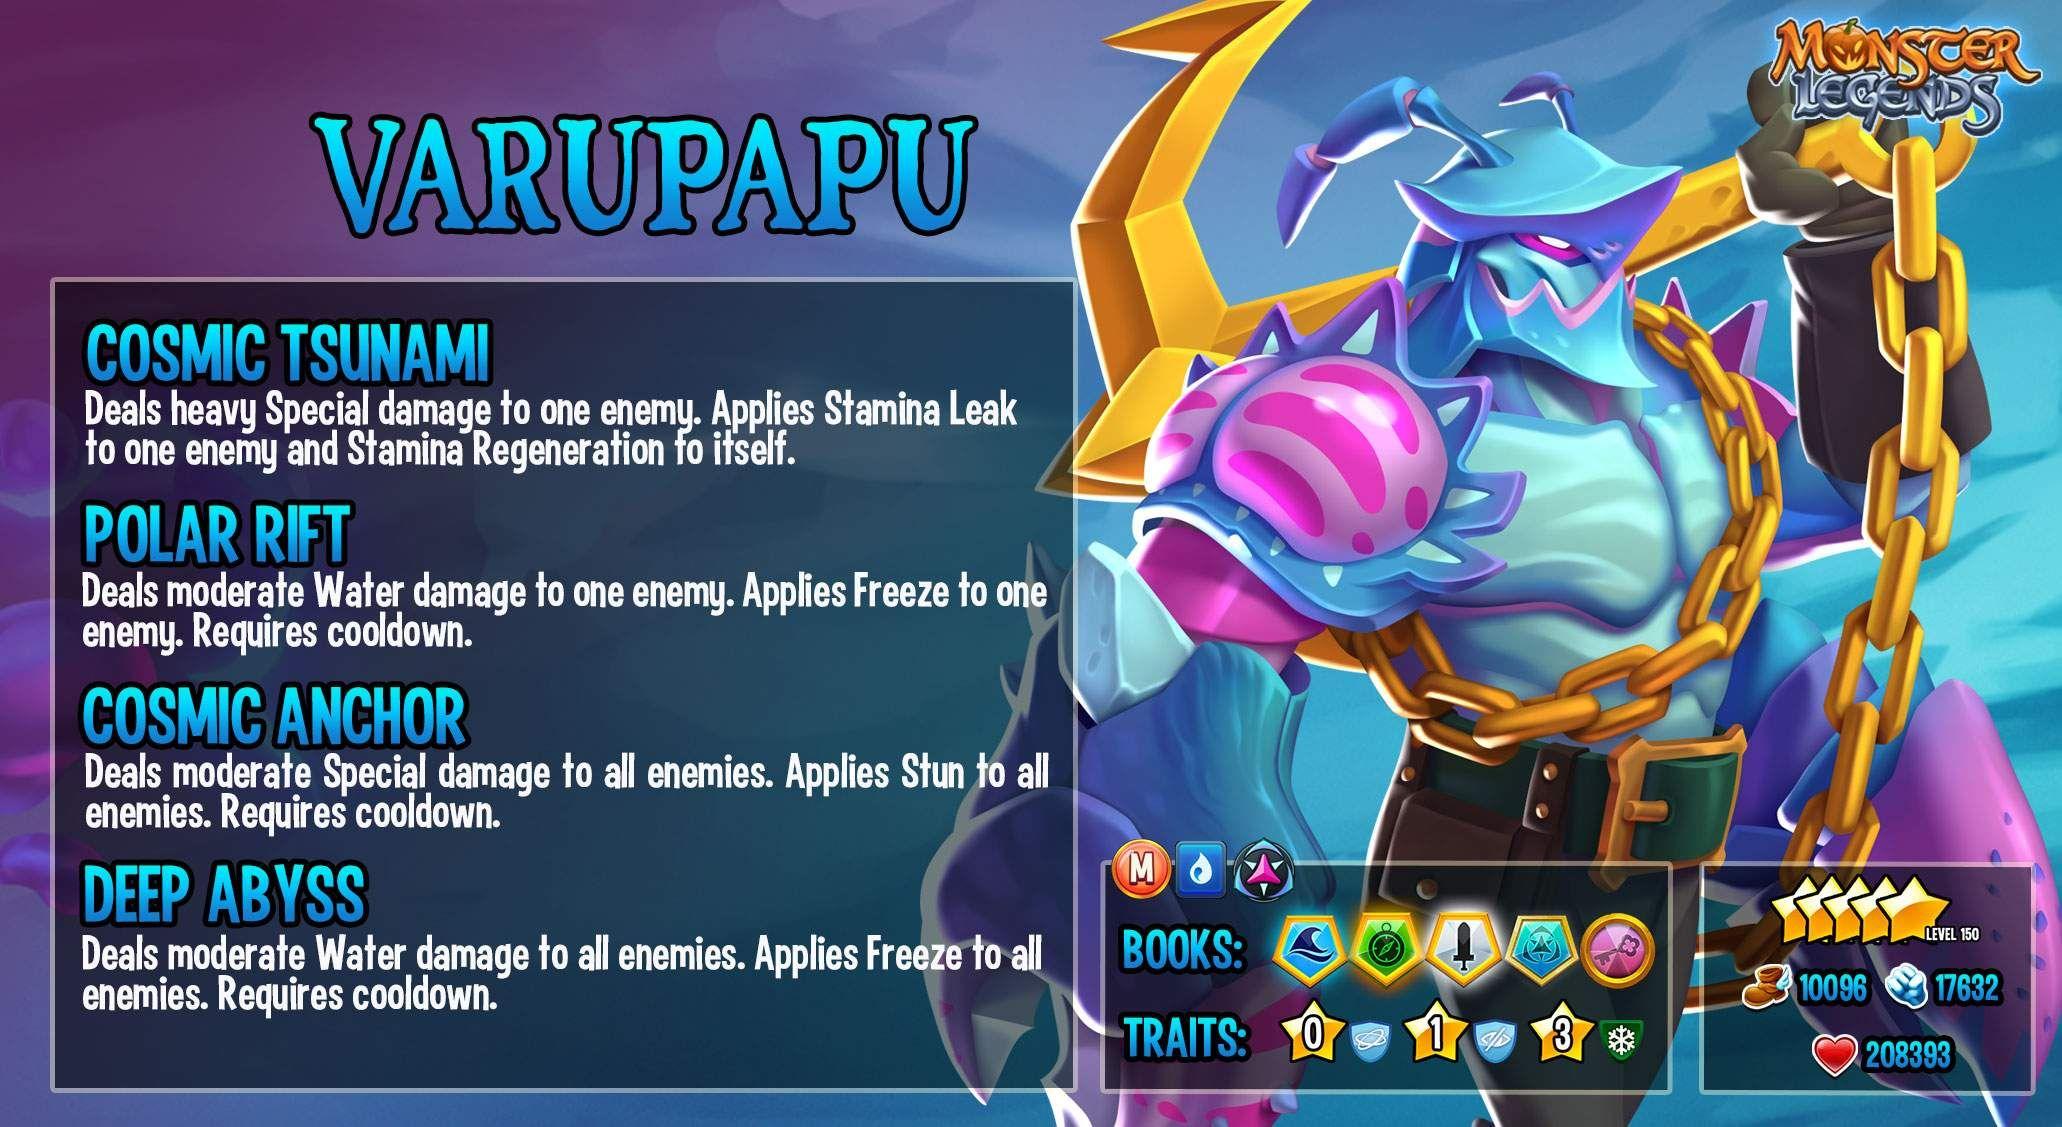 0_1603285874356_Varupapu.jpg